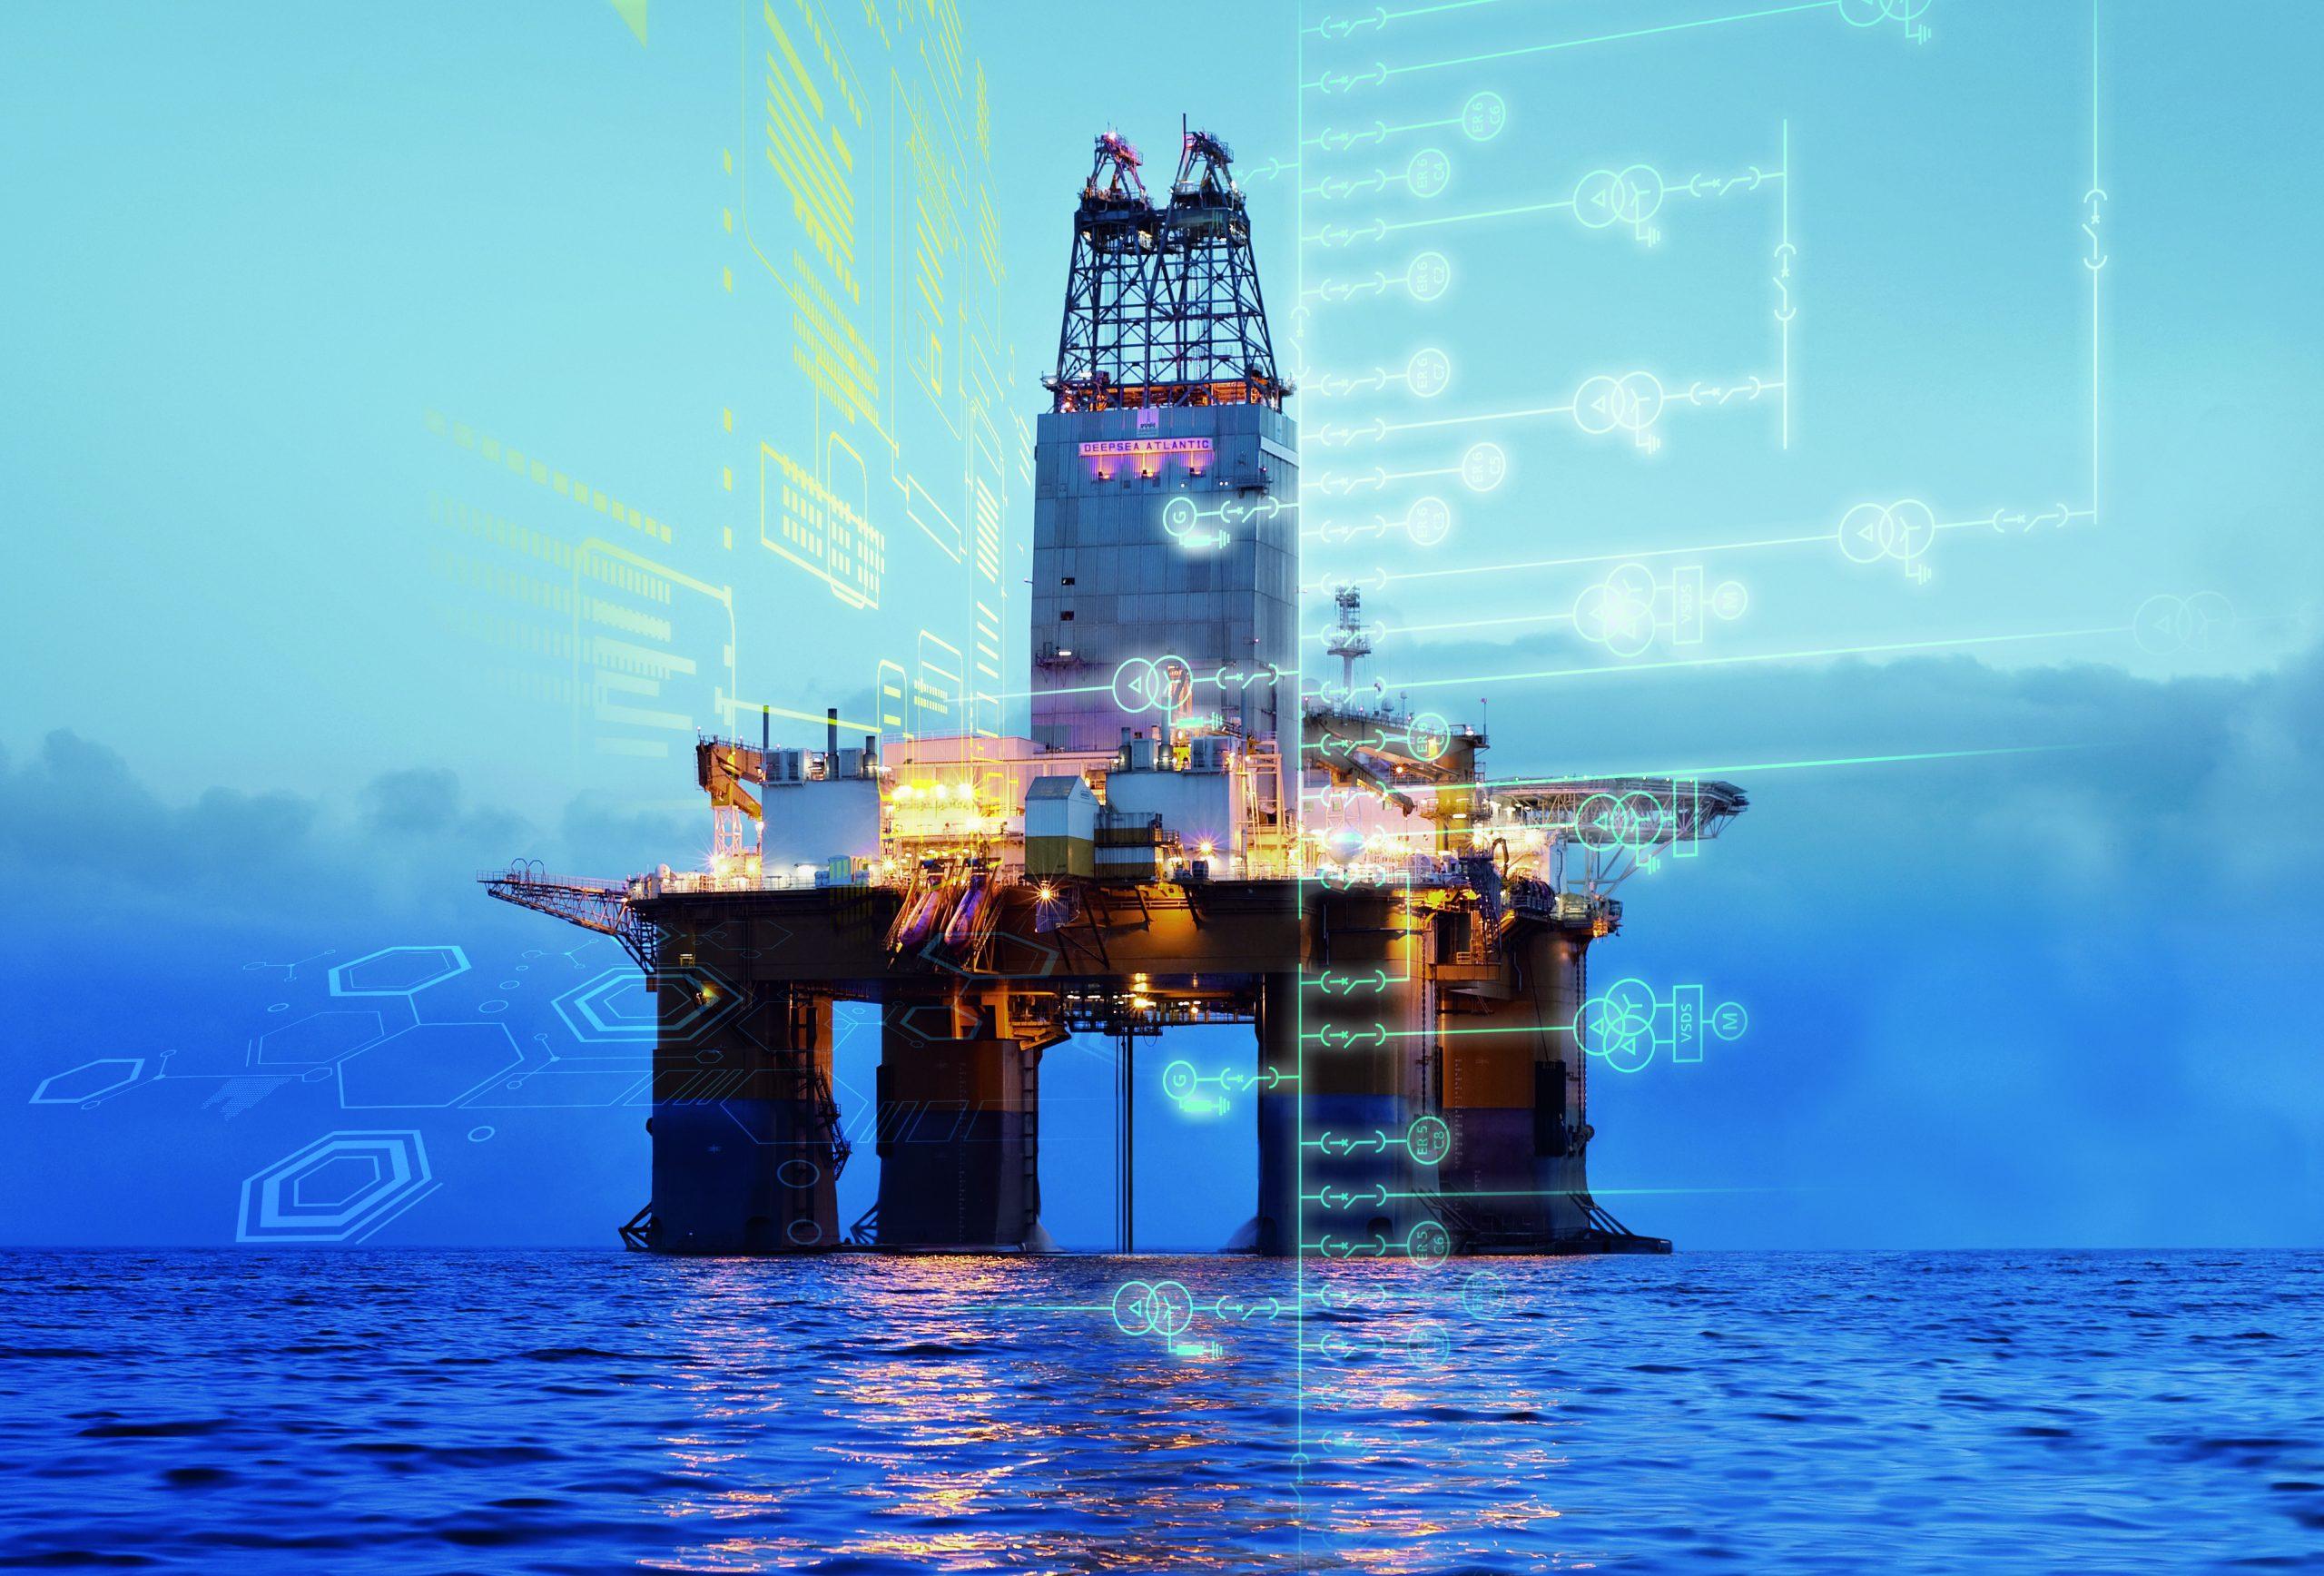 راهاندازی مرکز تحلیل دادههای نفتی!